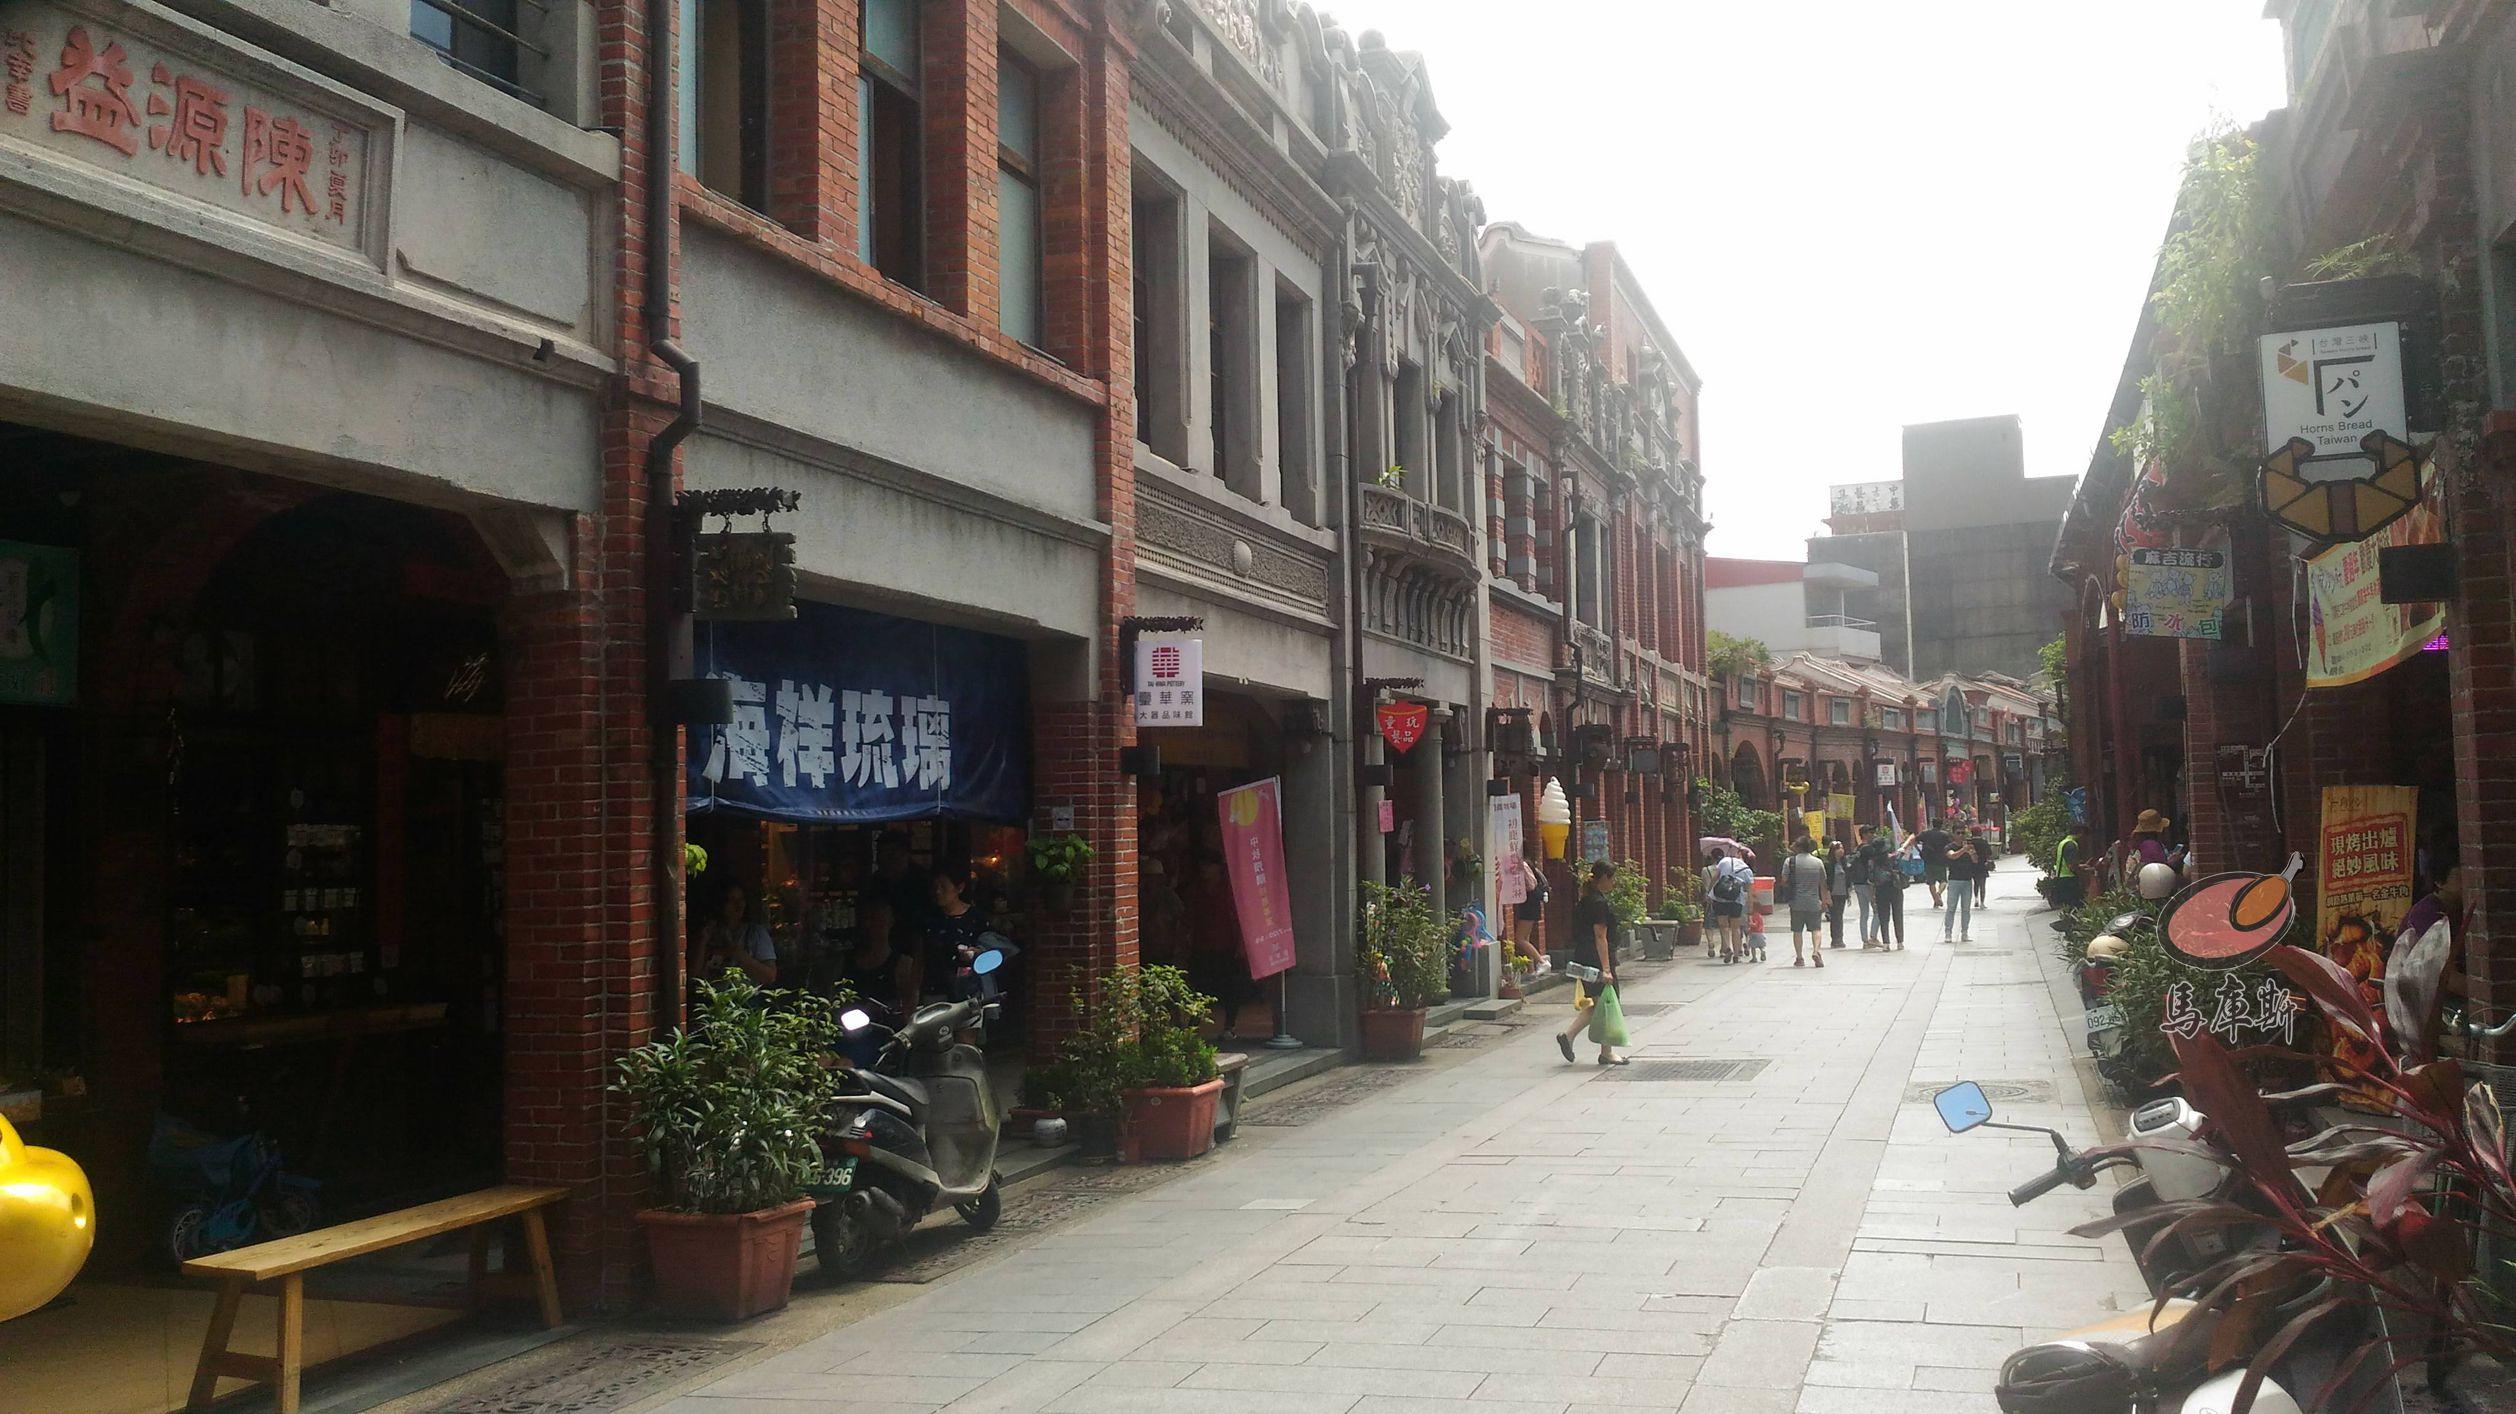 旅遊介紹 - 新北三峽祖師廟及老街